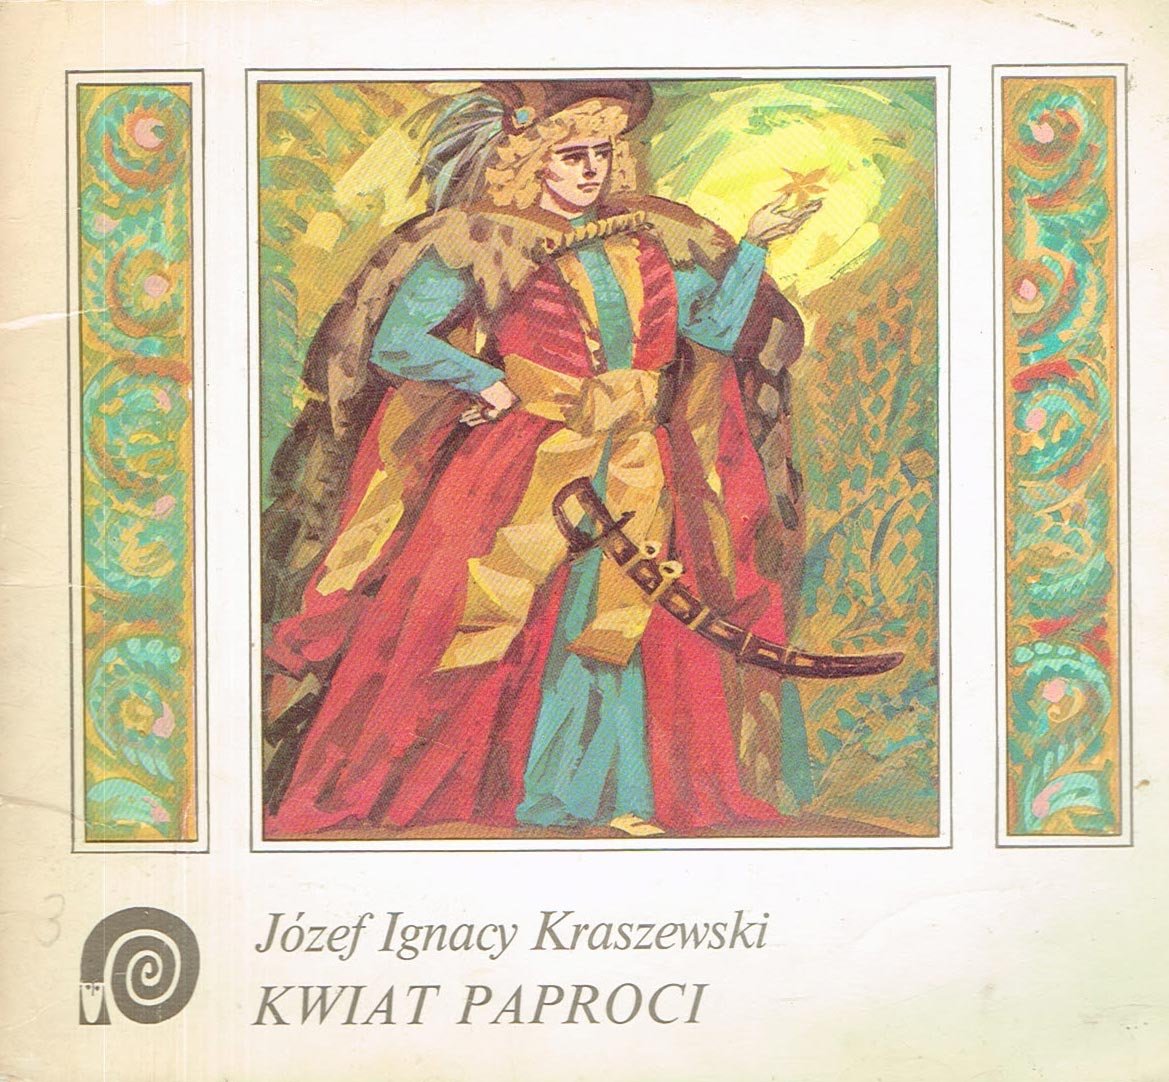 Znalezione obrazy dla zapytania Józef Ignacy Kraszewski Kwiat paproci